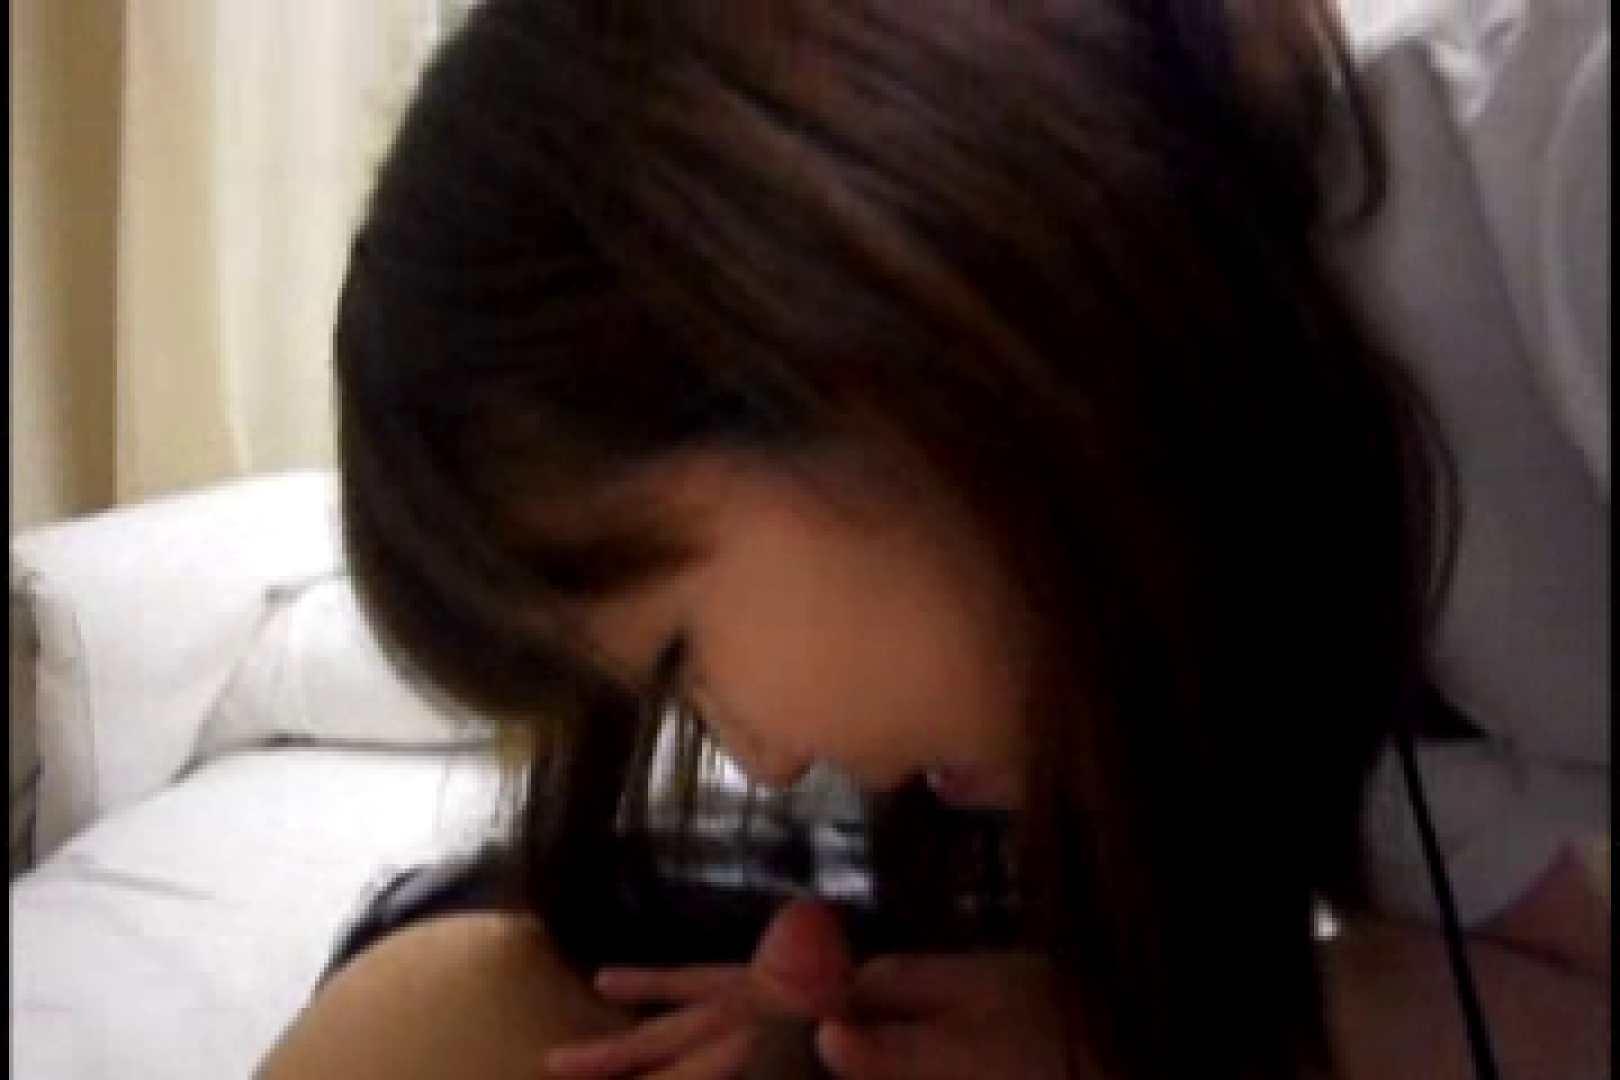 ヤリマンと呼ばれた看護士さんvol1 一般投稿   シックスナイン  93pic 85